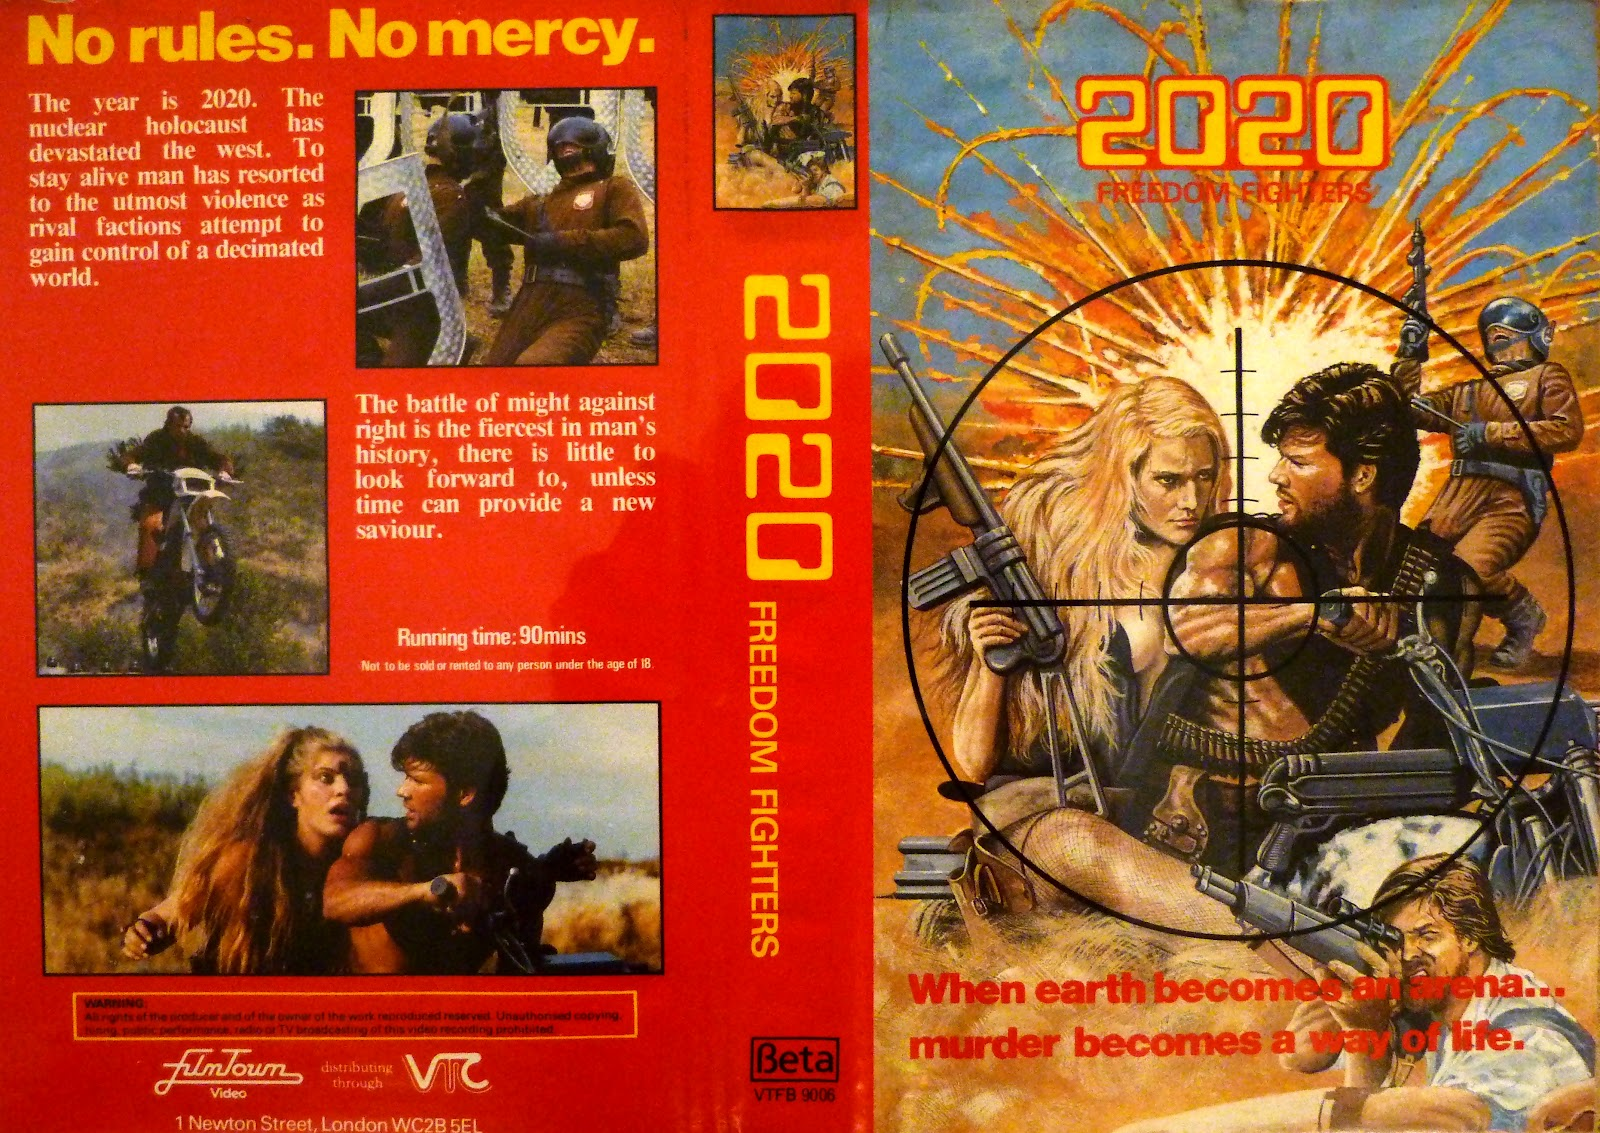 Sabrina Siani in Anno 2020 - I gladiatori del futuro (1983)